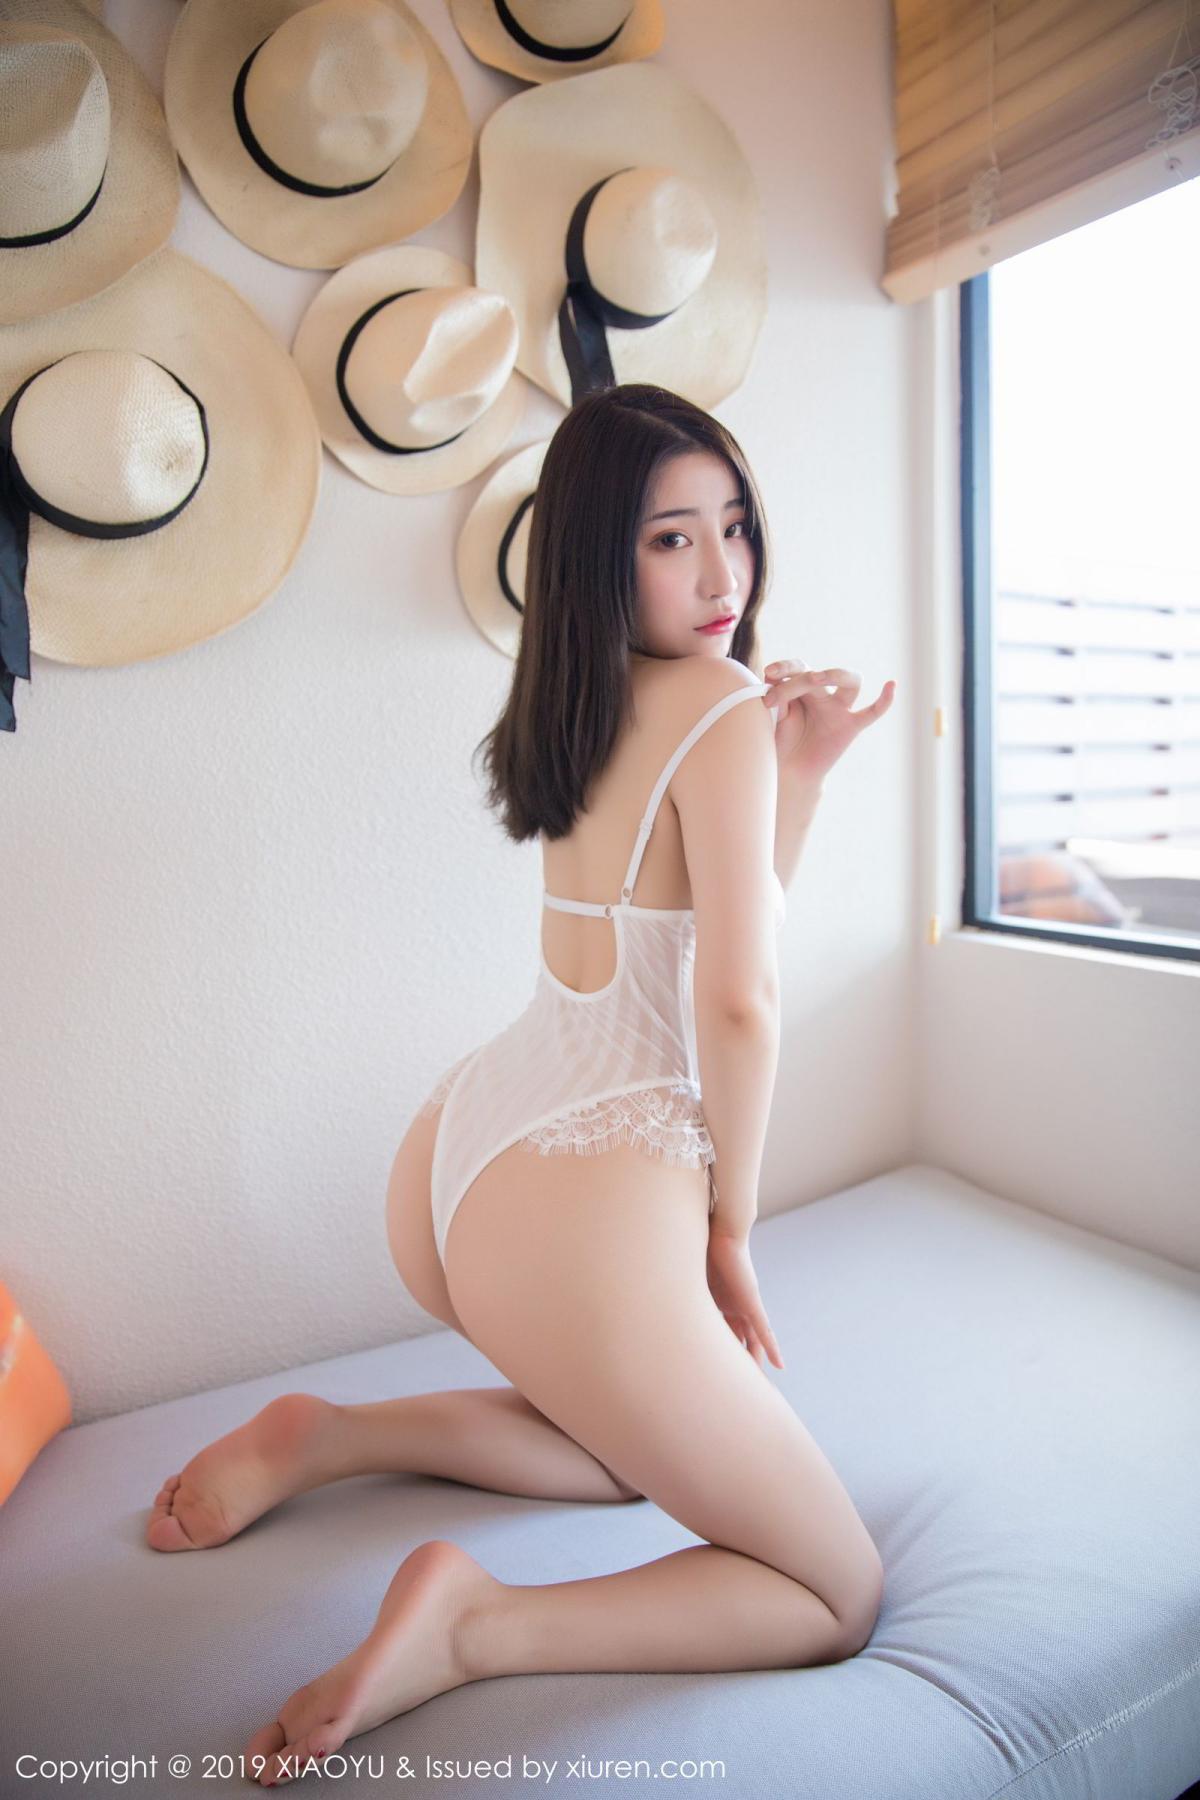 [XiaoYu] Vol.147 Xie Zhi Xin 4P, Bathroom, Big Booty, Wet, XiaoYu, Xie Zhi Xin